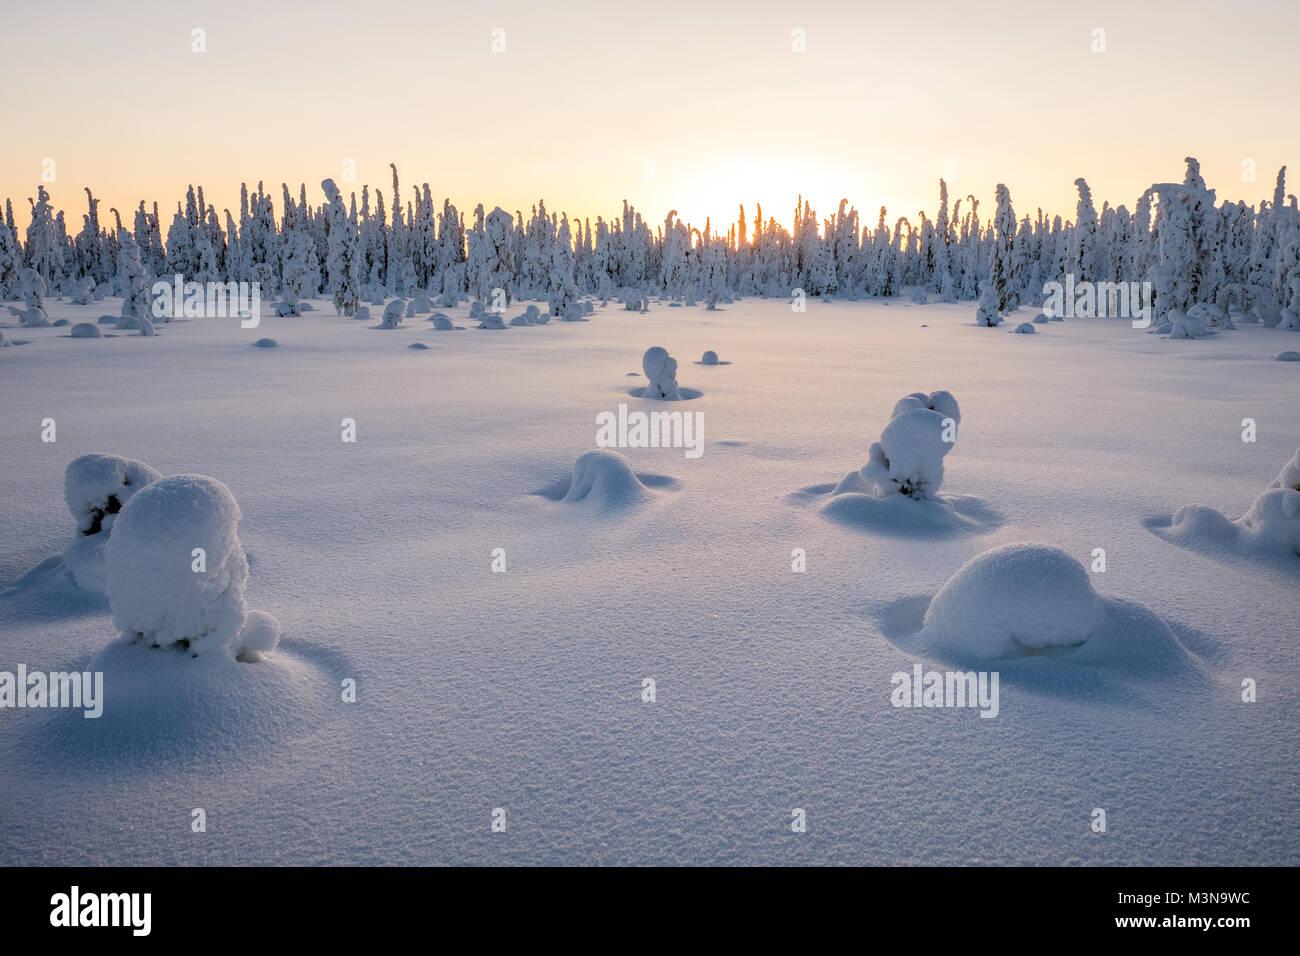 Snow-laden bosques del norte de Finlandia Imagen De Stock